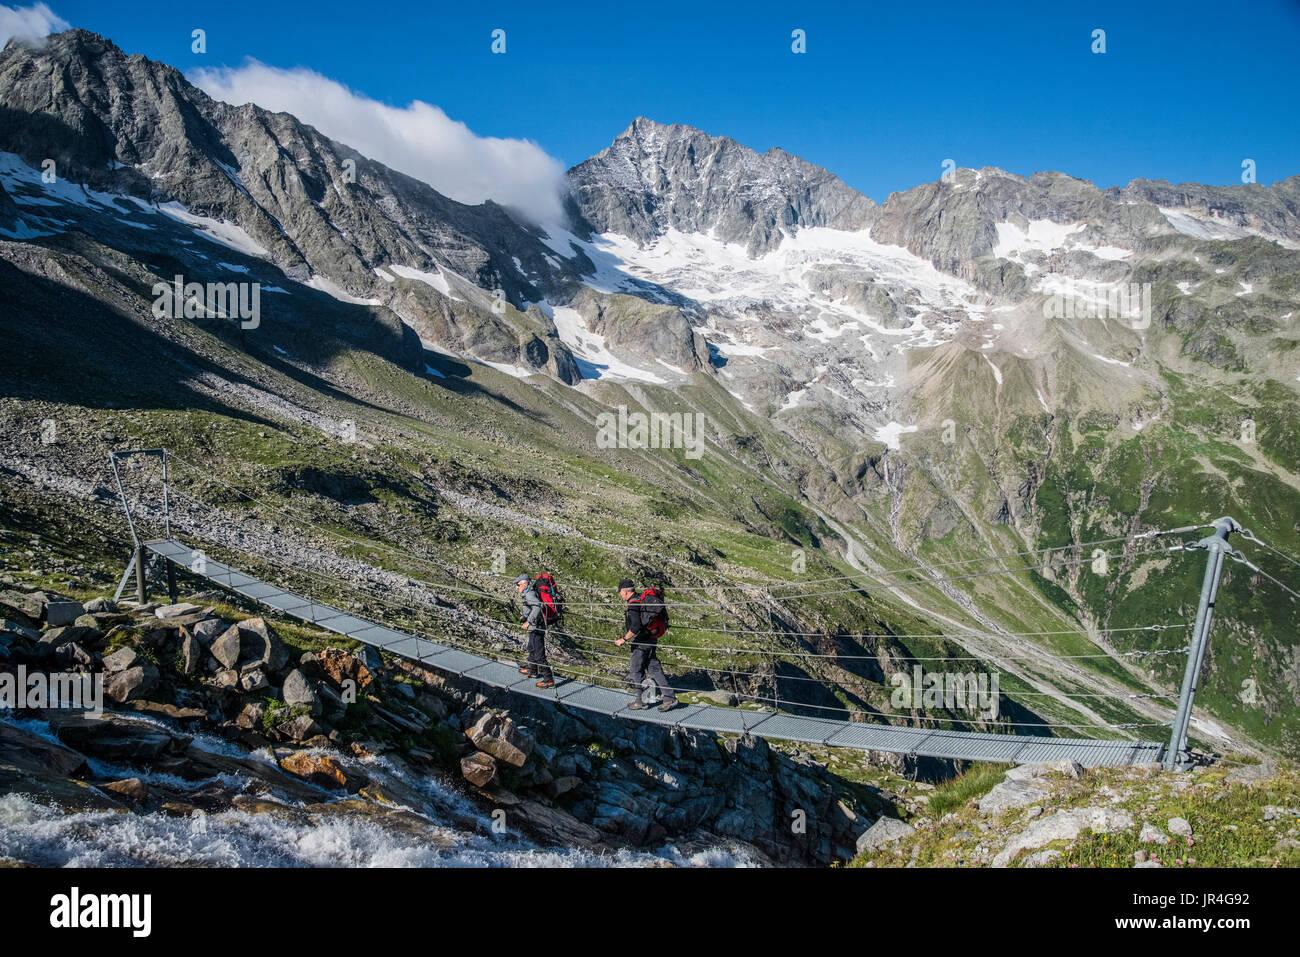 Trekking in the Zillertal seen here with mountaineers en-route between the Greizer and Kasseler Hut mountain refuge Stock Photo